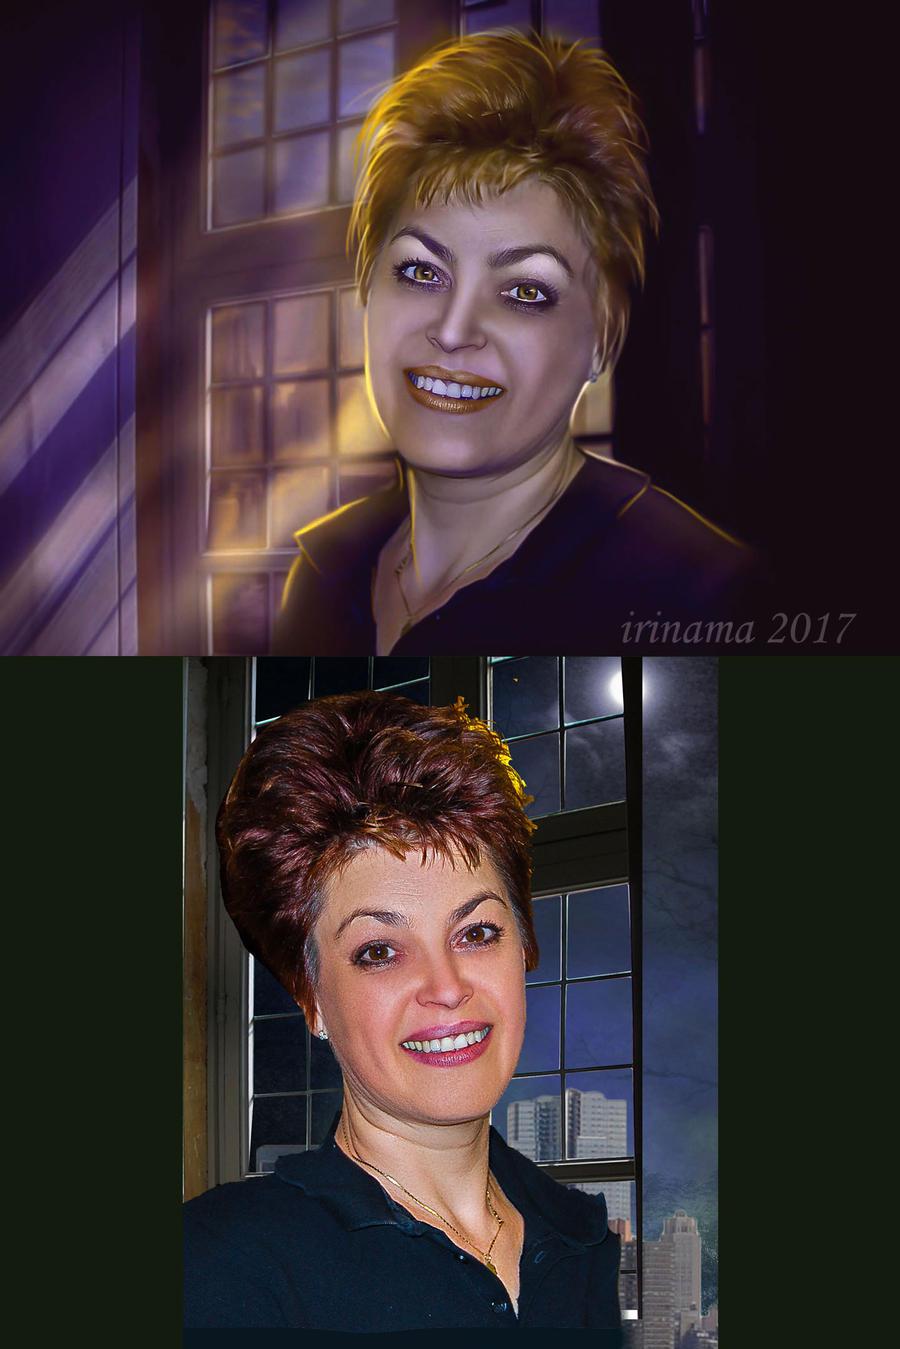 Before and After Rodi by irinama